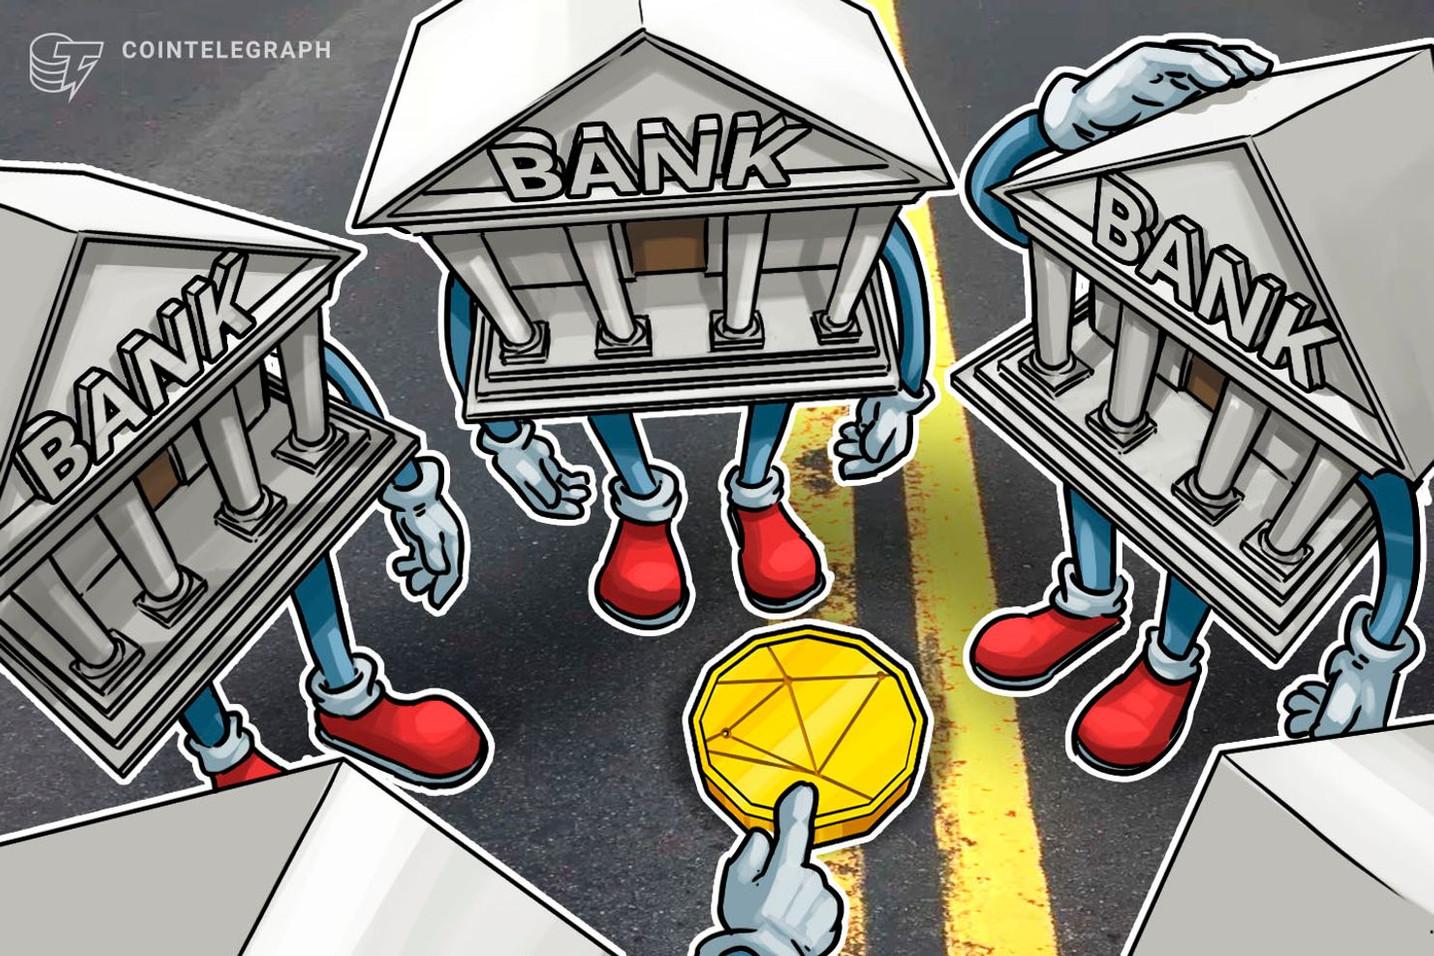 全銀ネットと富士通、ブロックチェーン技術を活用した銀行間決済の実証実験を実施